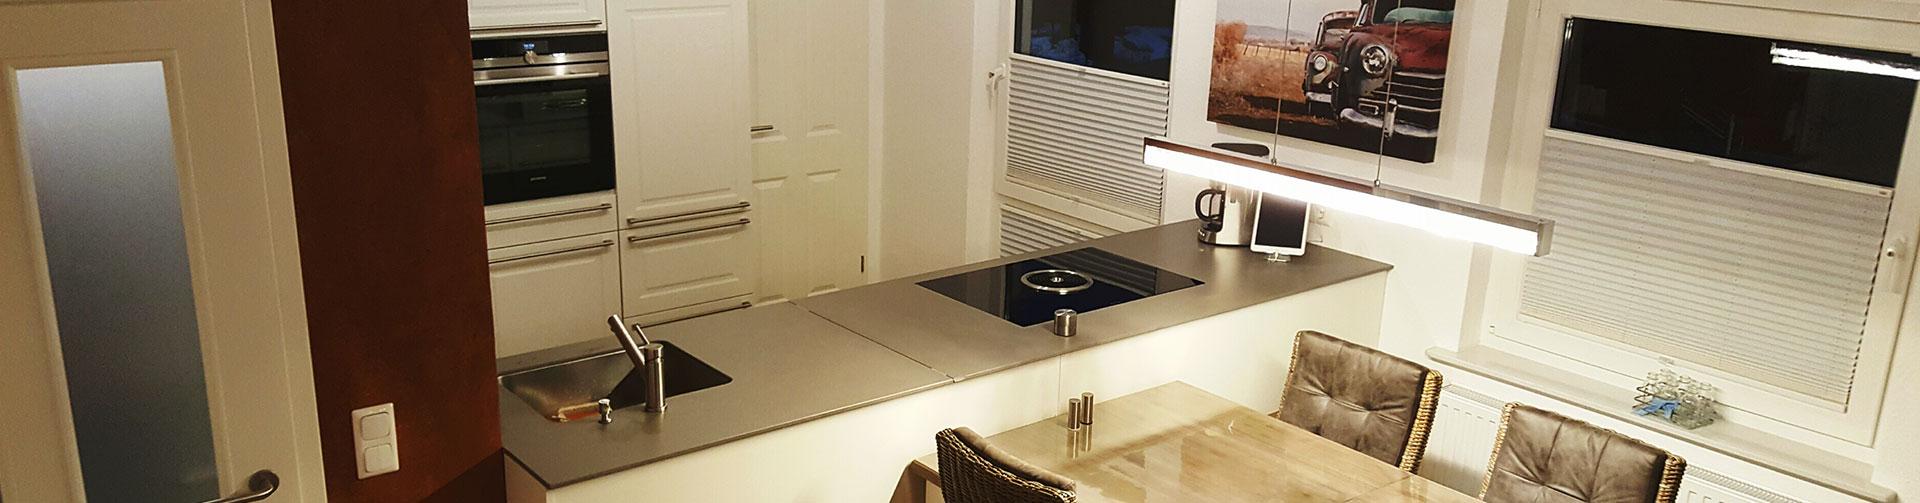 ganz ohne bohren plissee mit klemm oder klebetechniken montieren. Black Bedroom Furniture Sets. Home Design Ideas